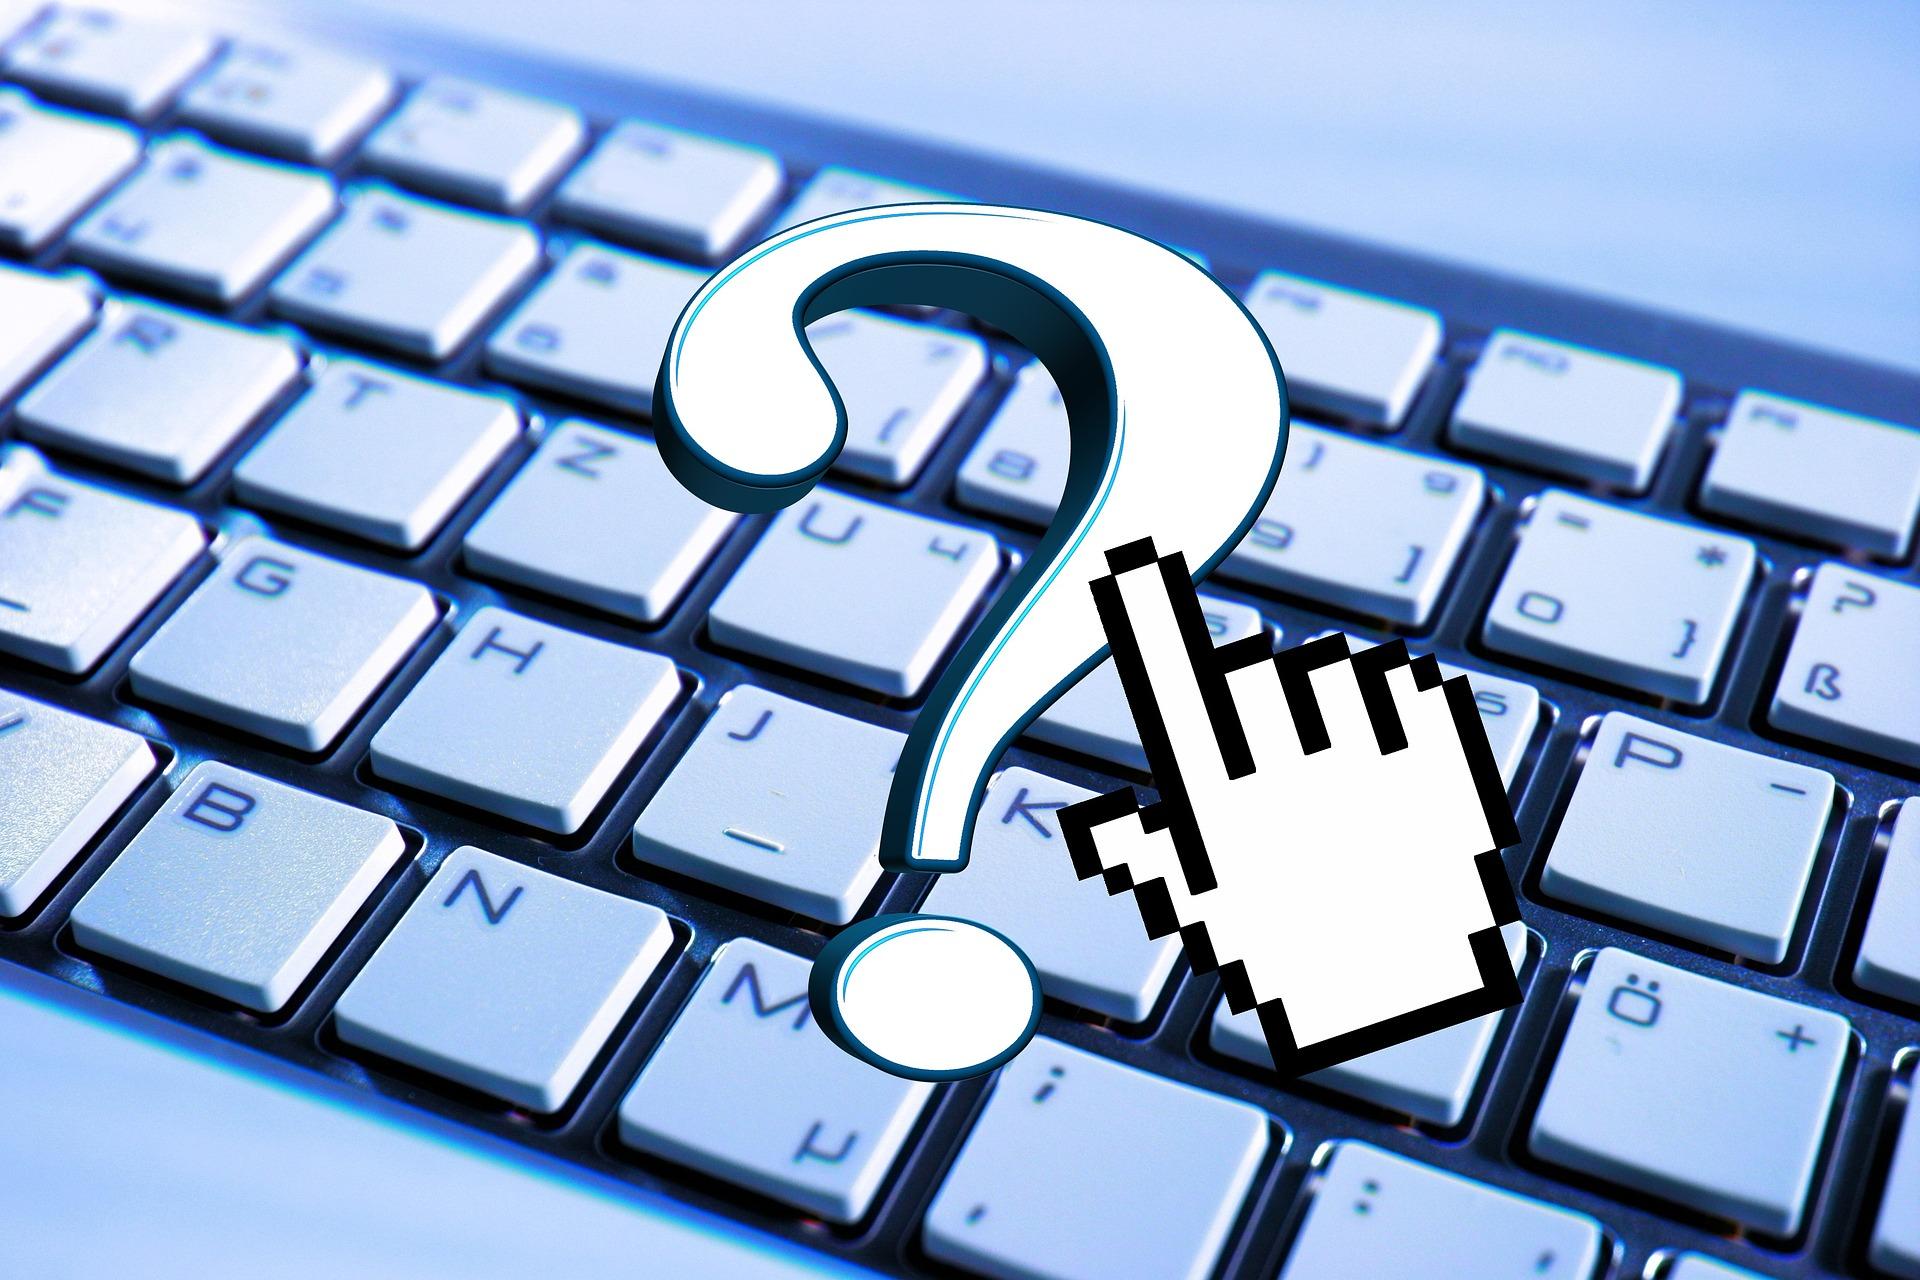 keyboard question mark quiz